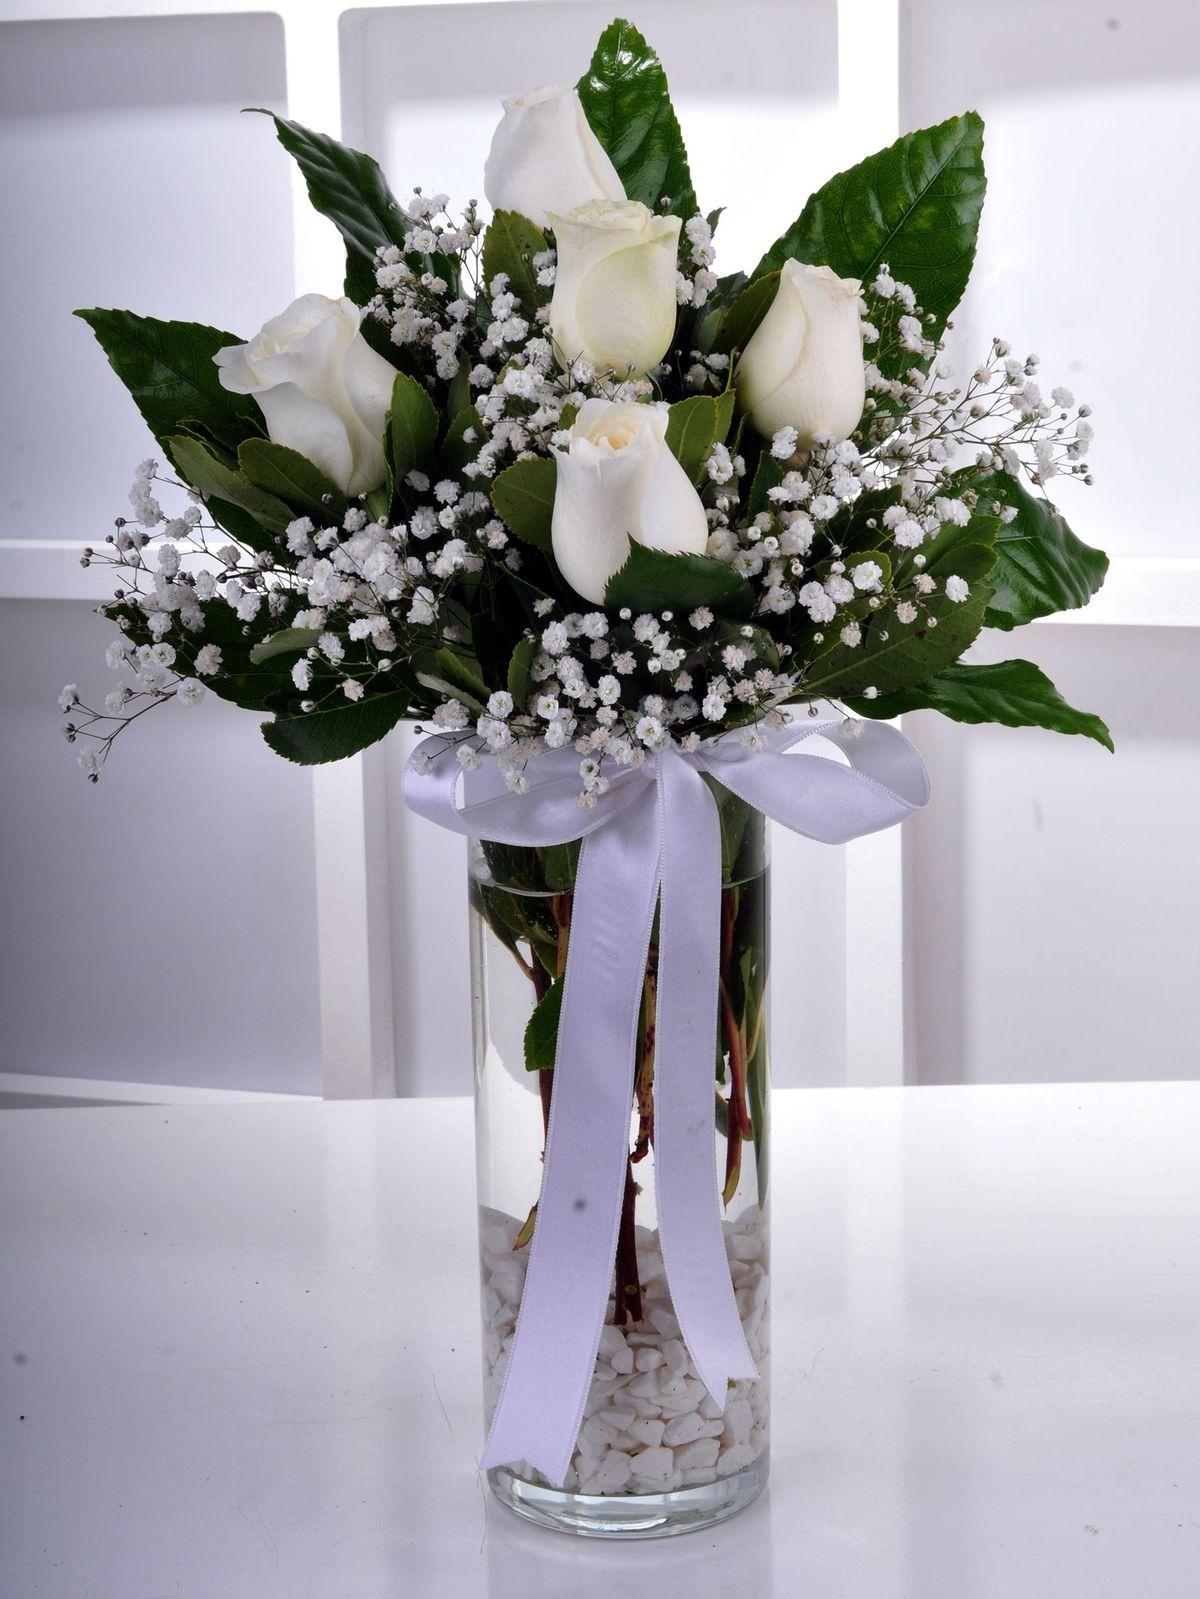 Gülen Gözler Camda 5 Beyaz Gül  çiçek gönder